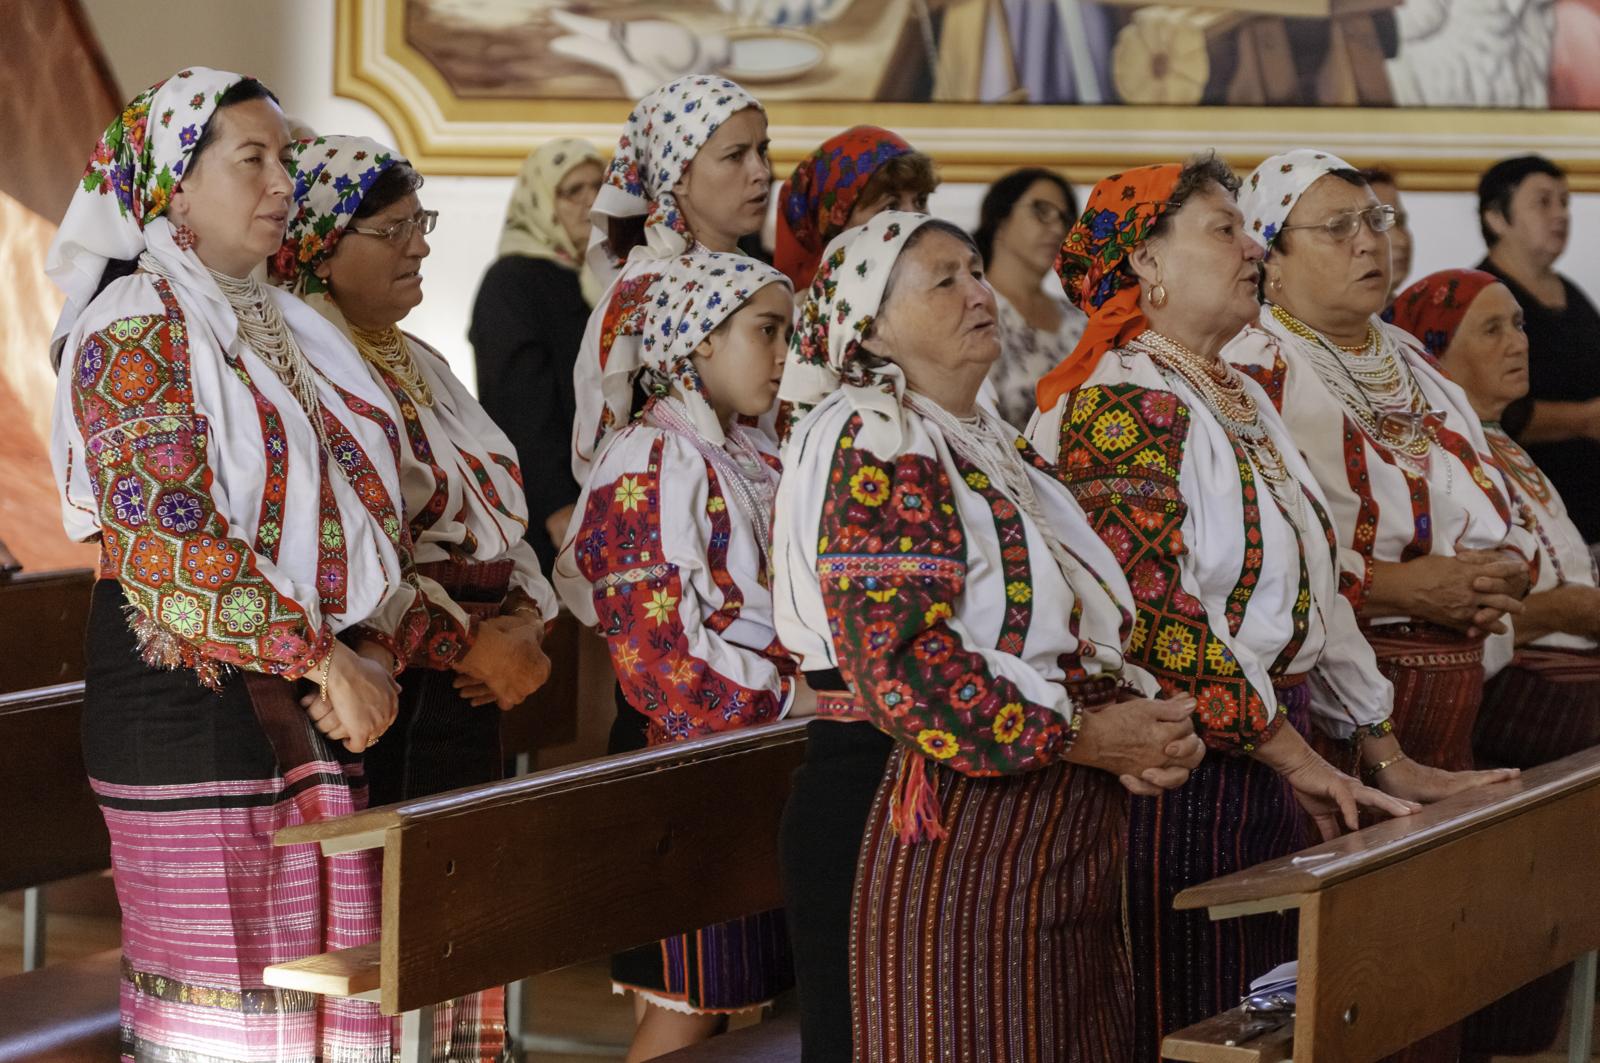 Sokan hagyományos csángó népviseletben vettek részt a szertartáson